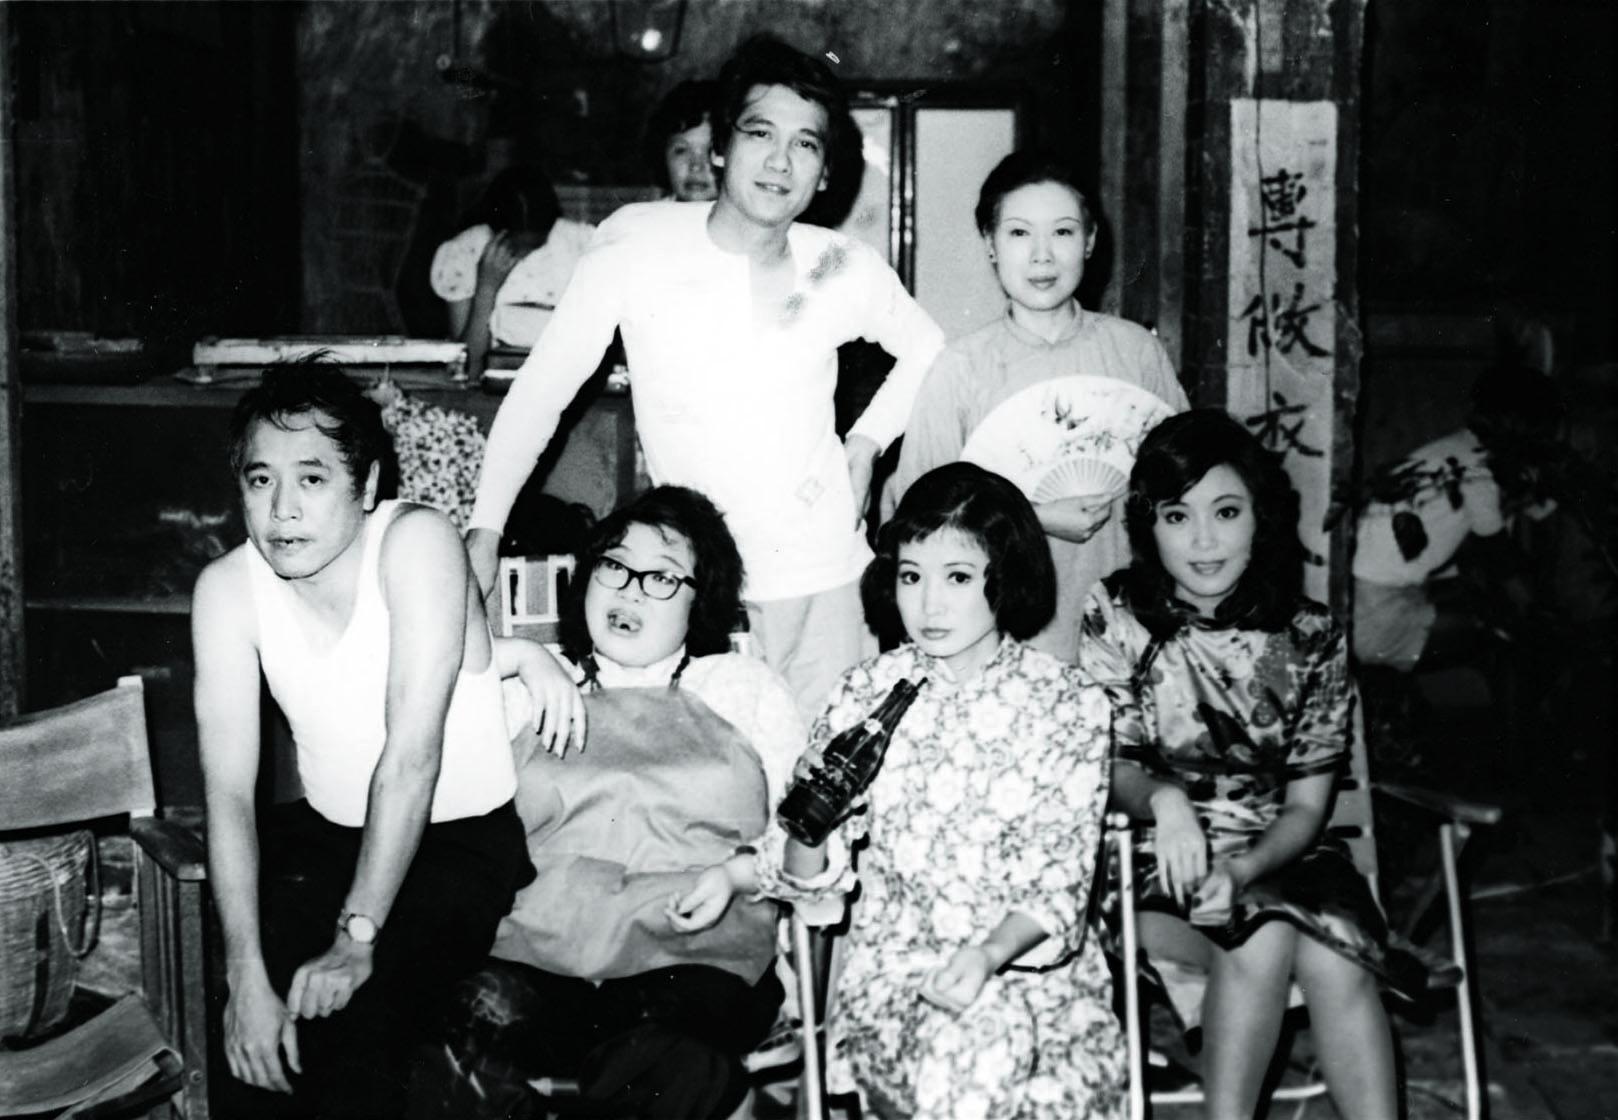 井莉 《七十二家房客》的導演與演員合照。何守信 , 沈殿霞 (劇照)